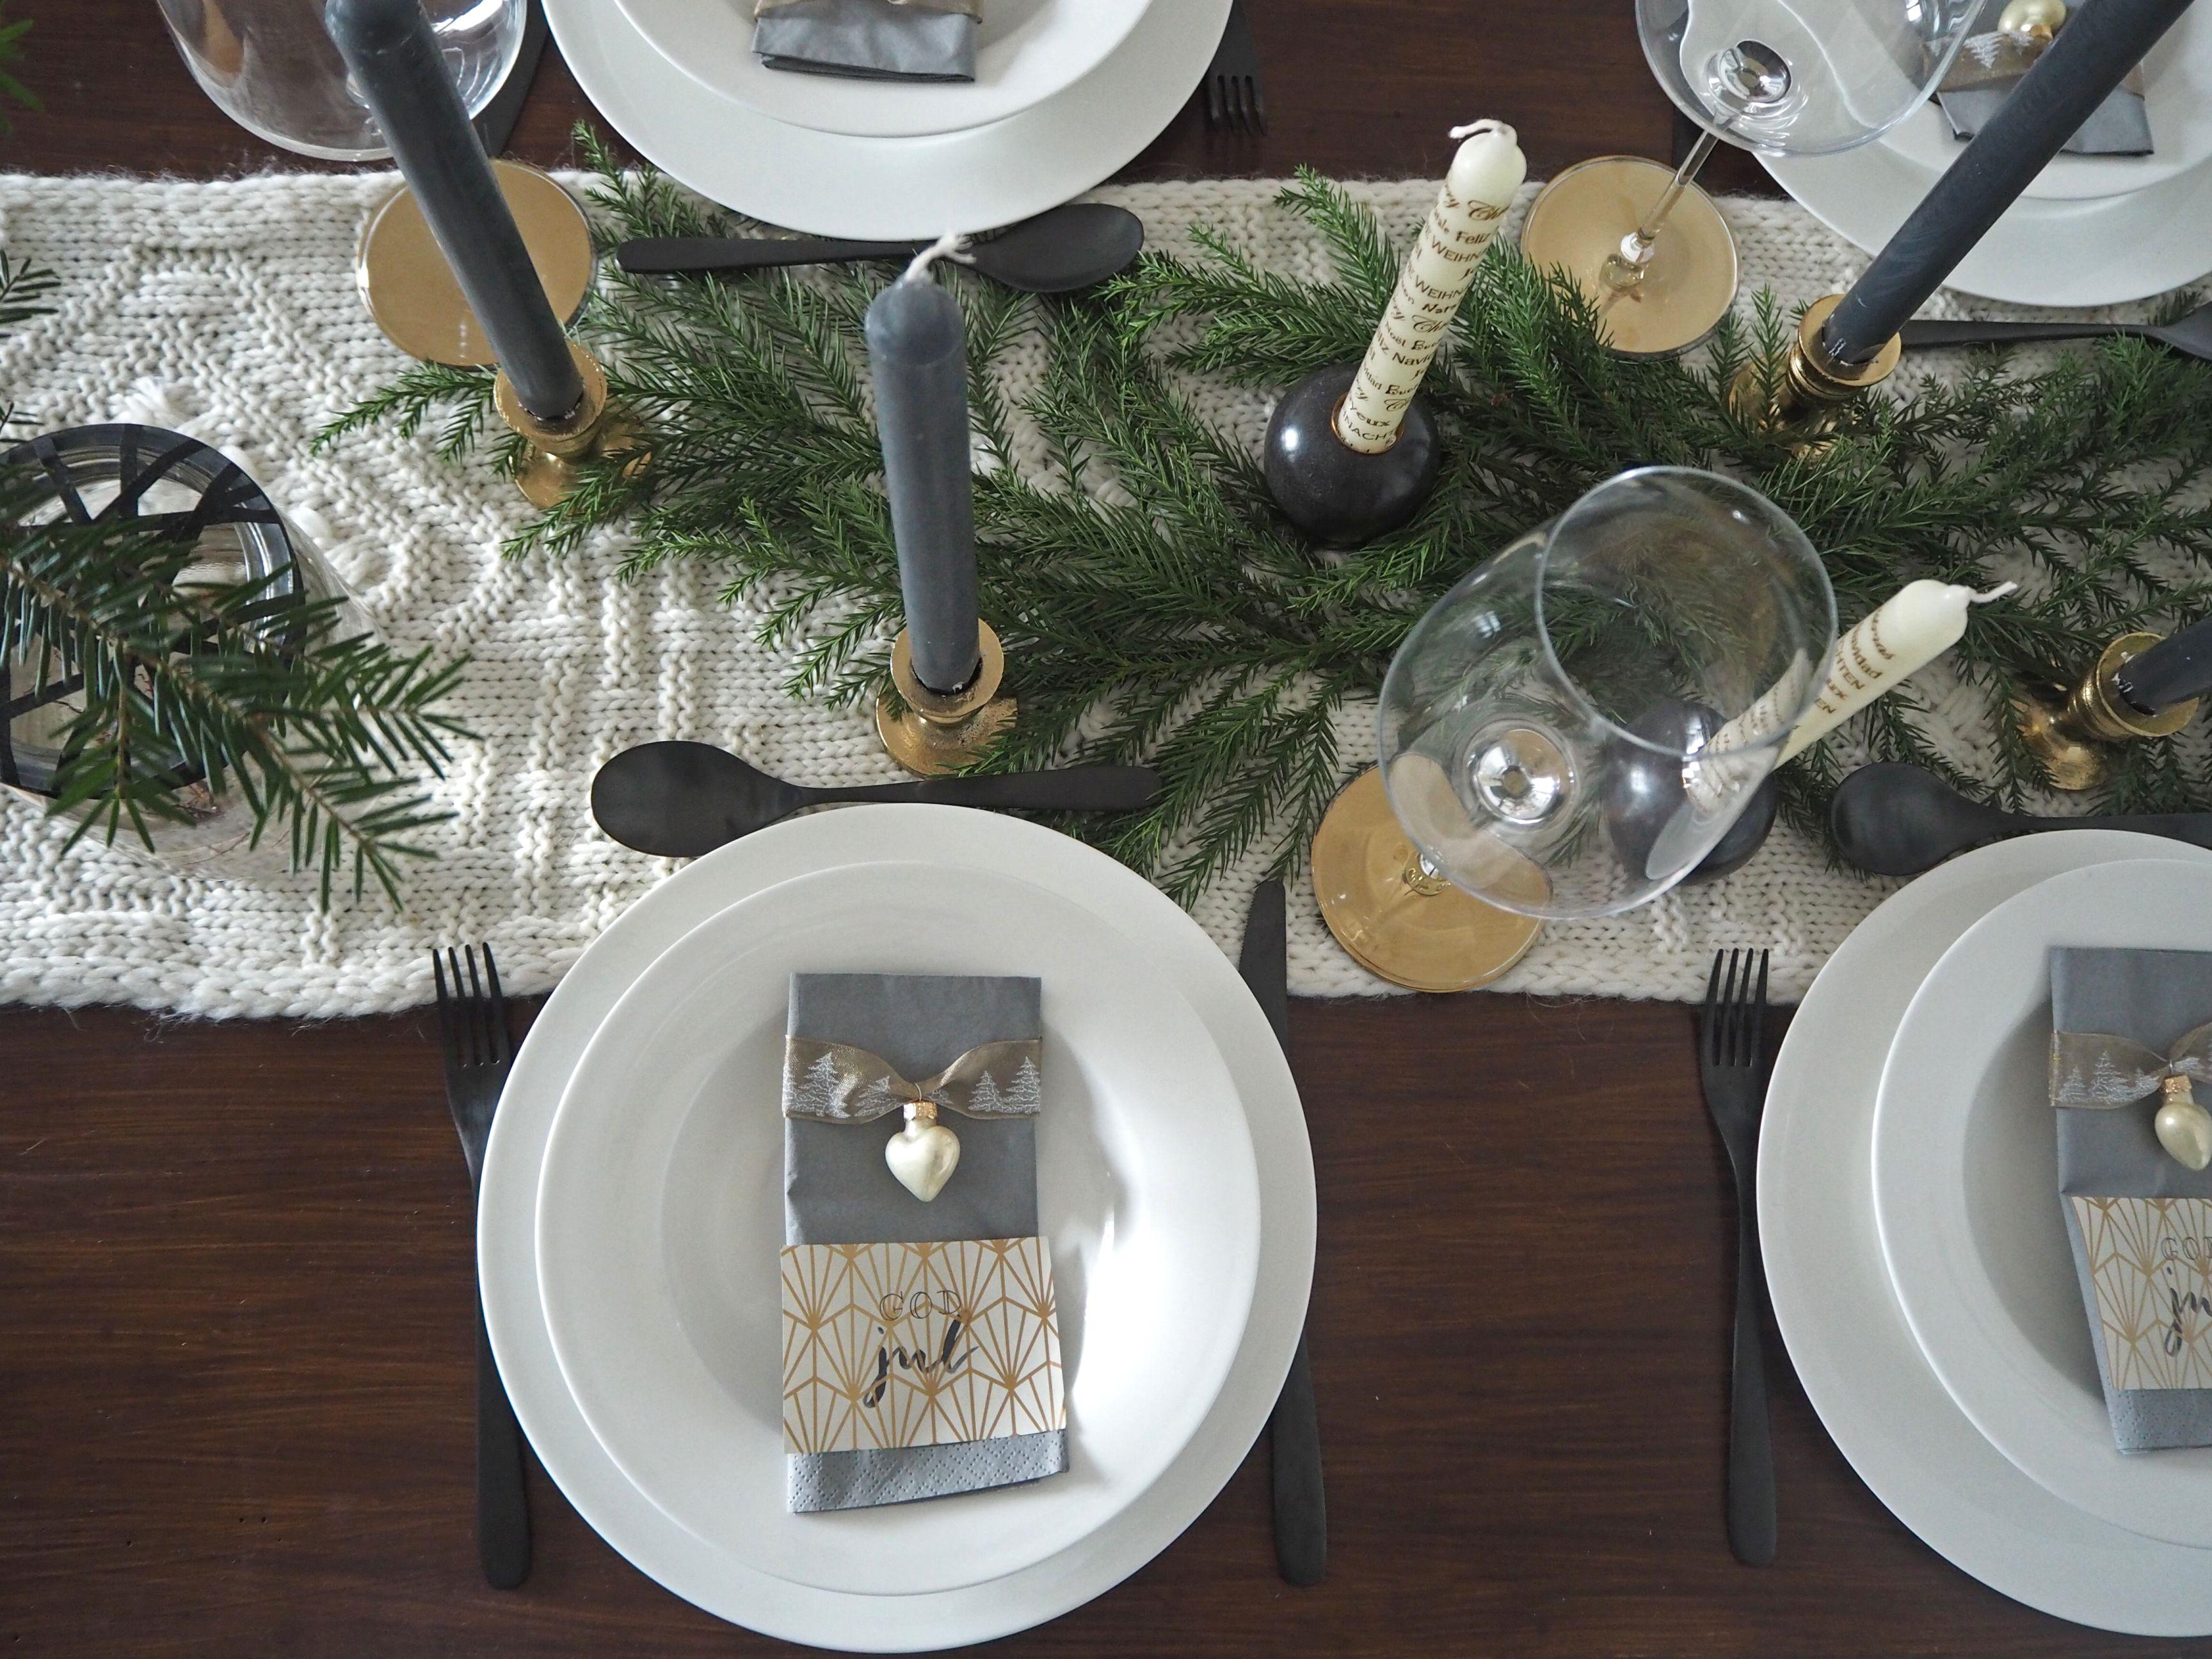 2018-skoen-och-kreativ-interior-tischdeko-festliche-tischdekoration-im-skandi-stil-weihnachten-god-jul-tabledecor (19)